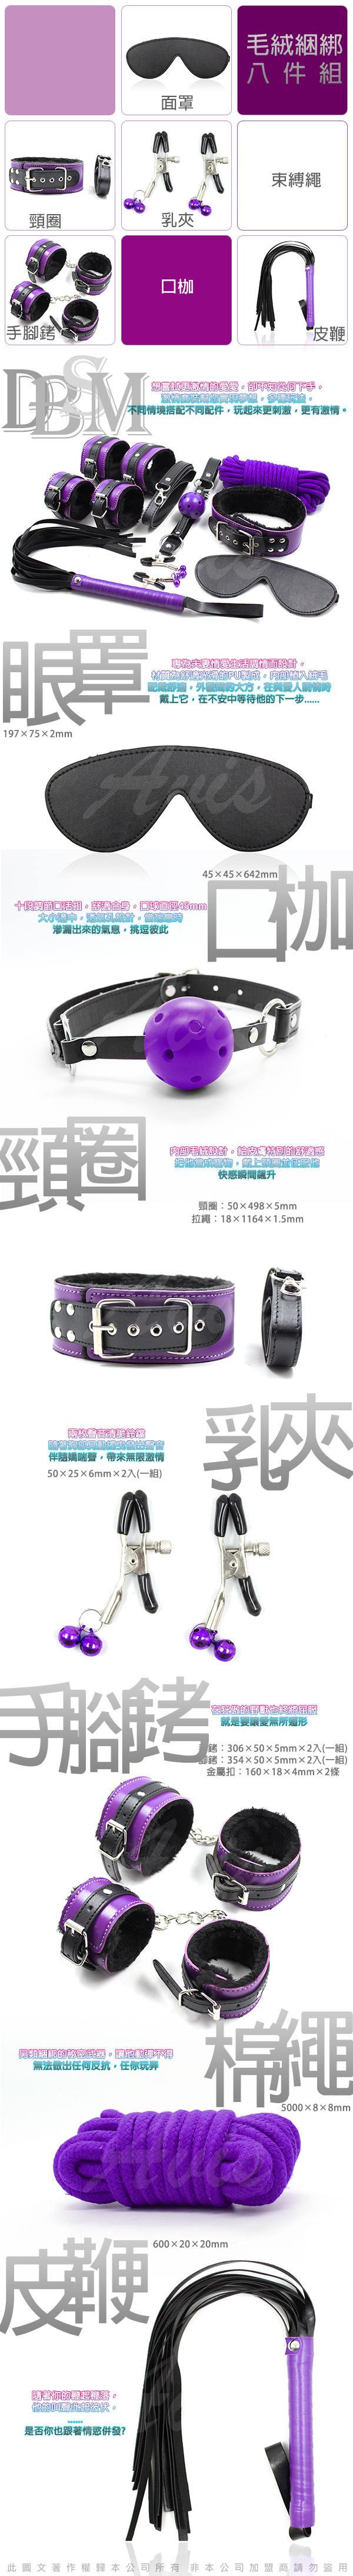 虐戀精品CICILY-束縛遊戲-毛絨綑綁 八件套組-紫